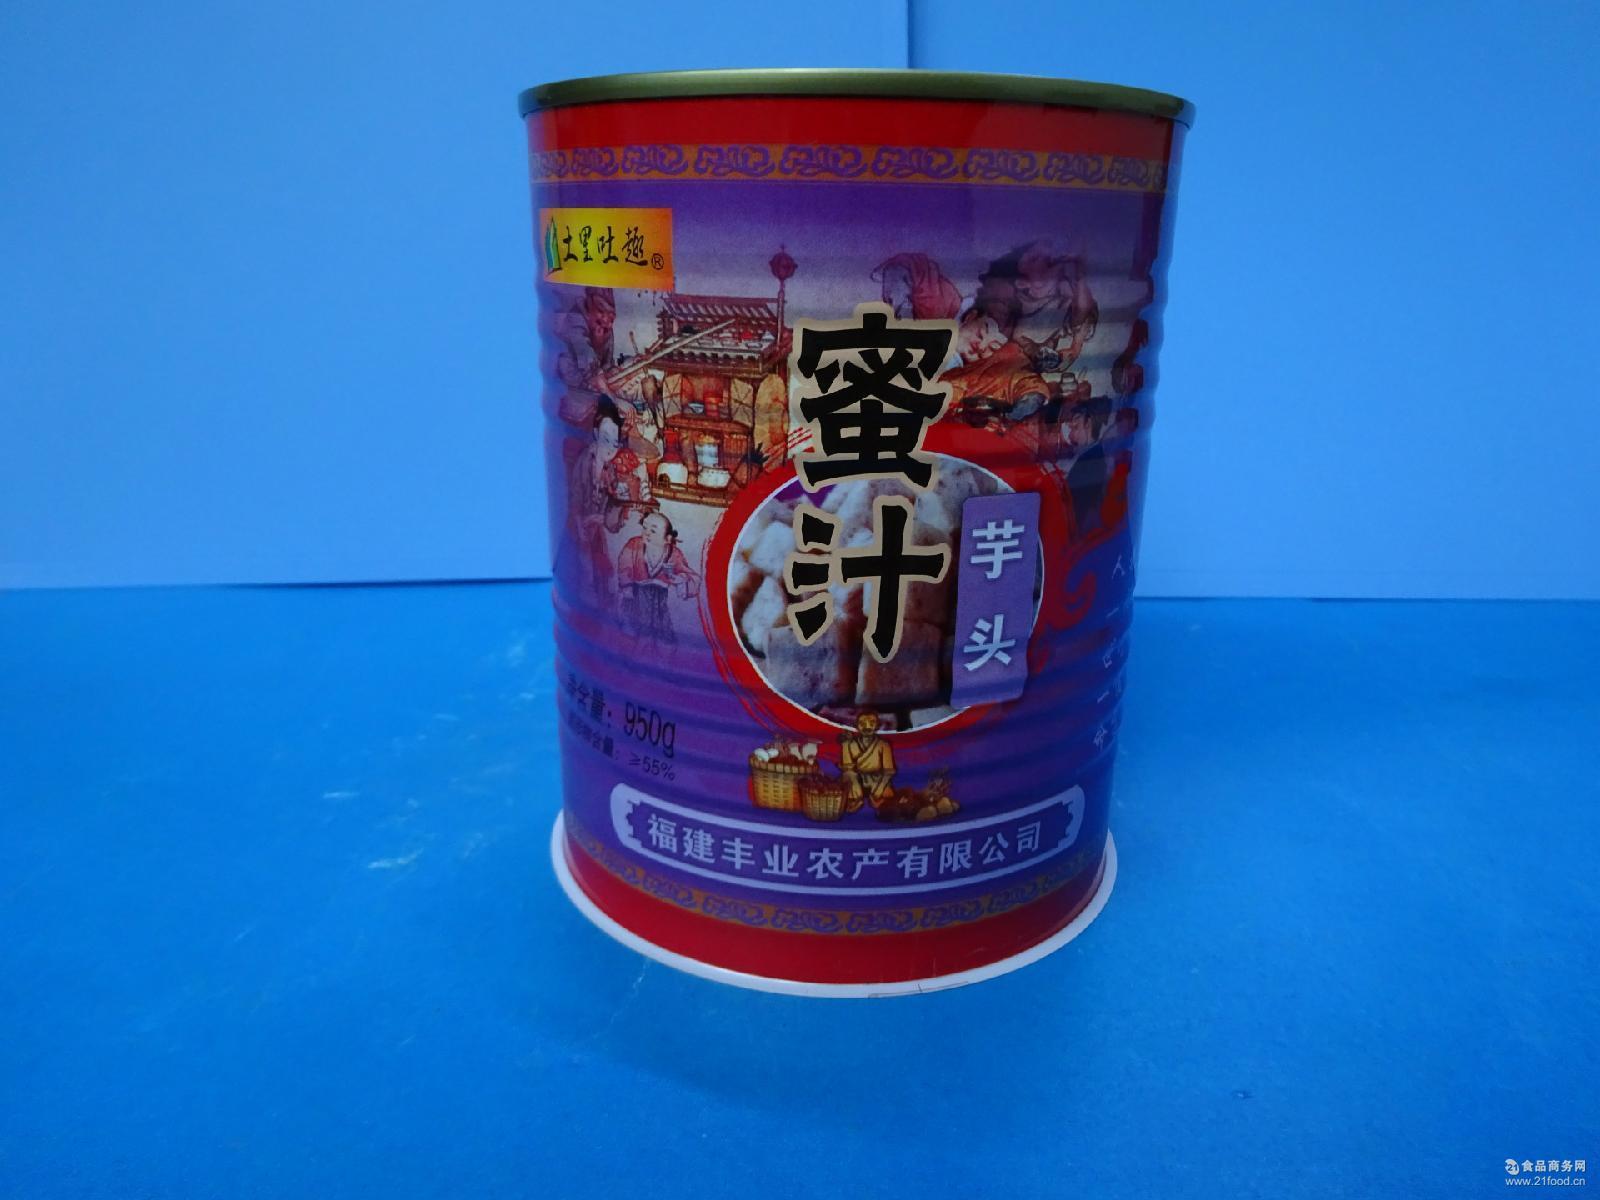 950g蔬菜罐头 蜜汁贡品香芋 甜品/刨冰冰品原料 厂家直销